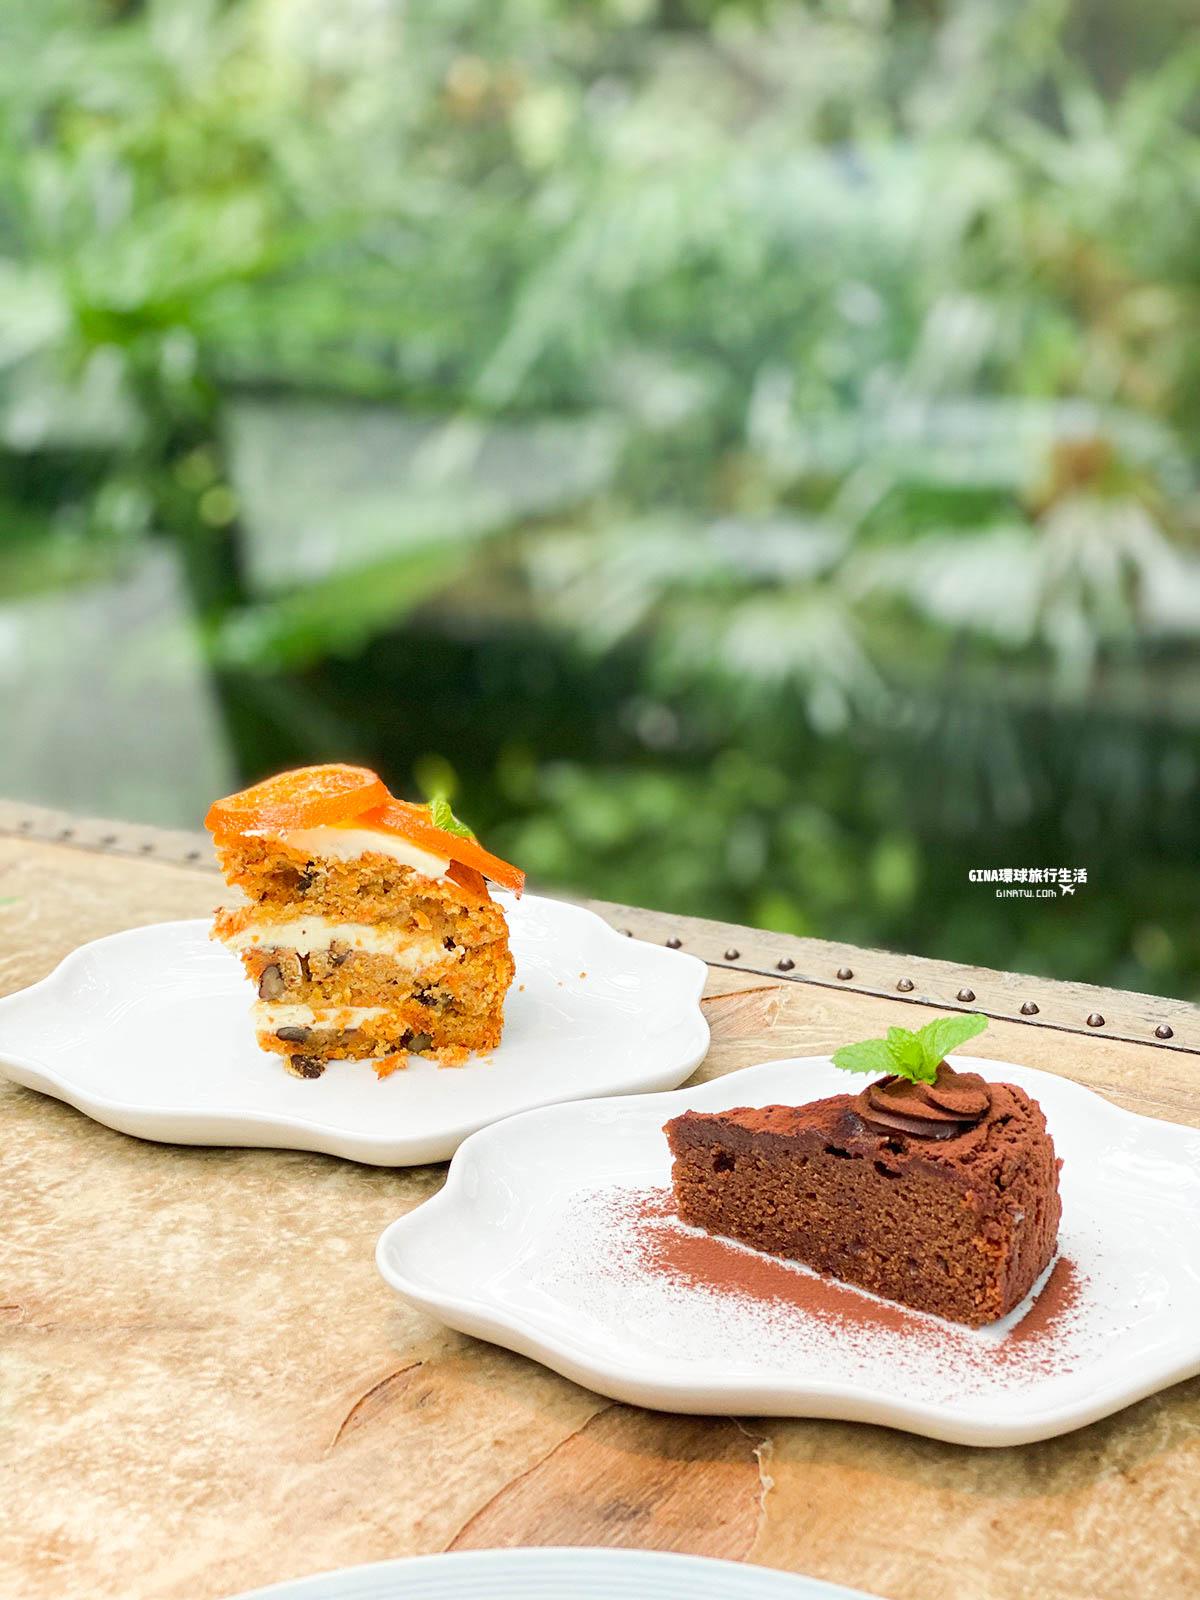 【陽明山玻璃屋餐廳】好樣秘境 VVG Hideaway 菜單、交通方式 陽明山咖啡廳 @GINA環球旅行生活